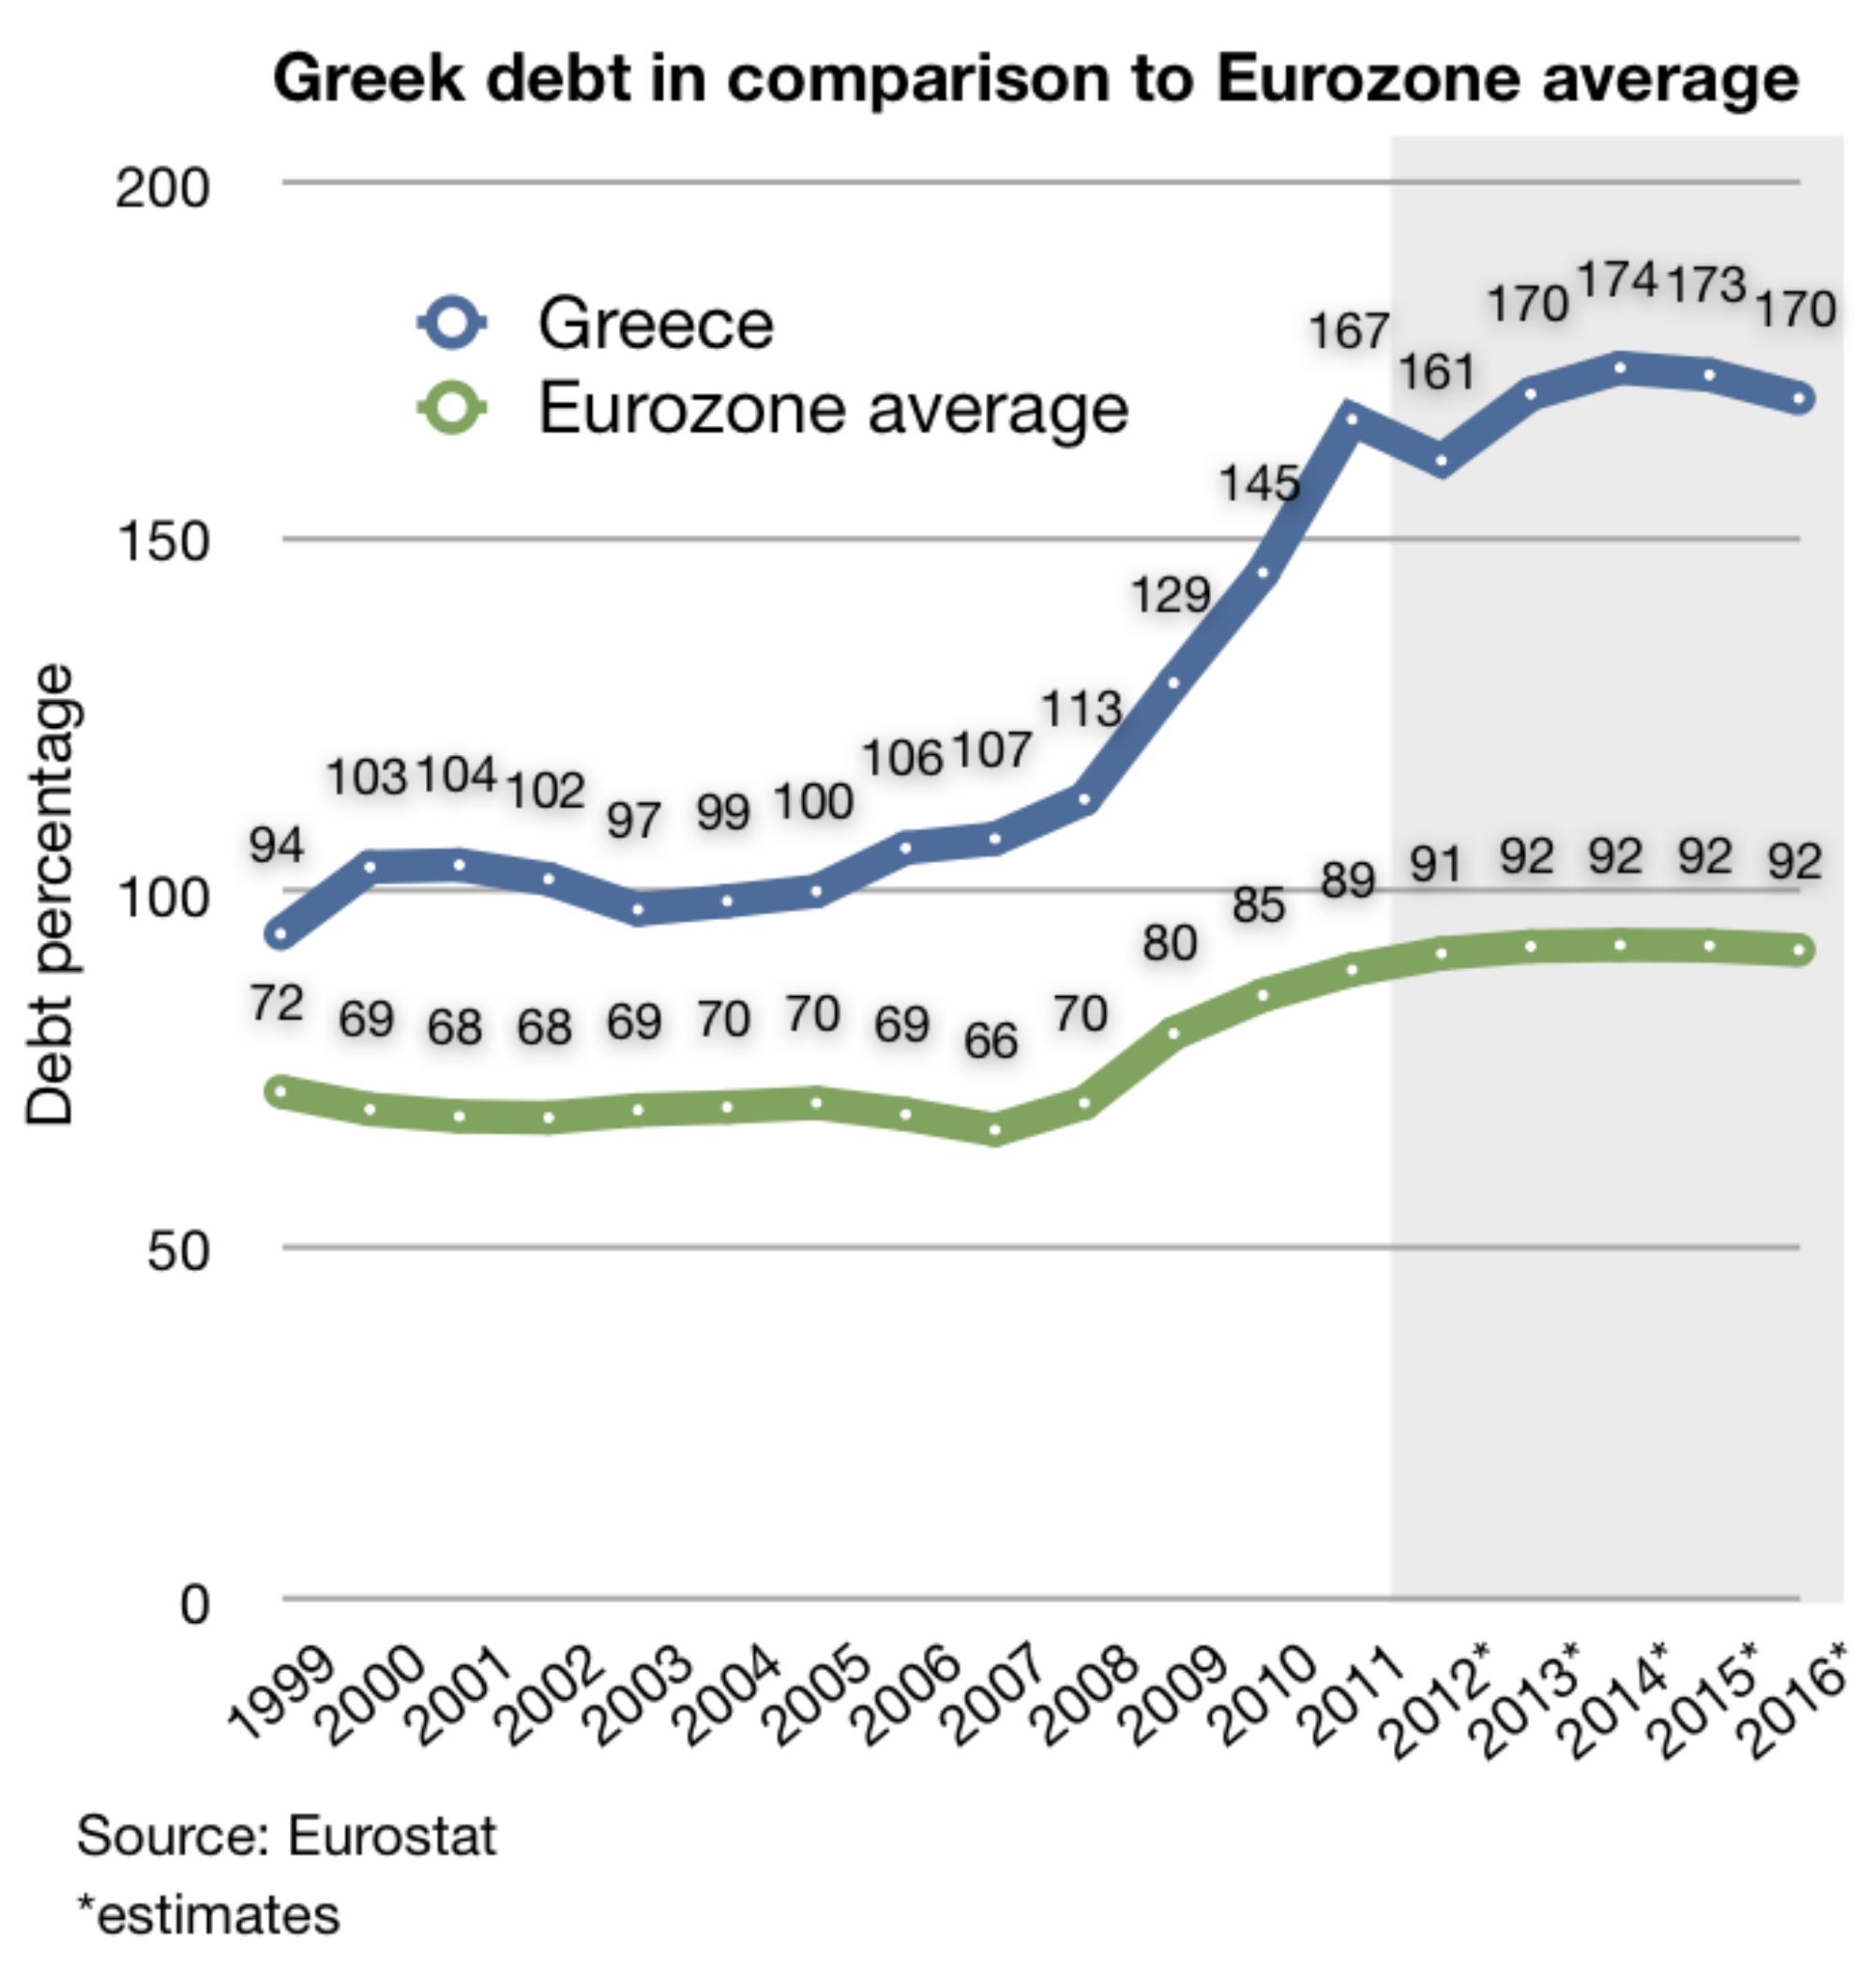 Debito pubblico - Grecia vs Eurozona